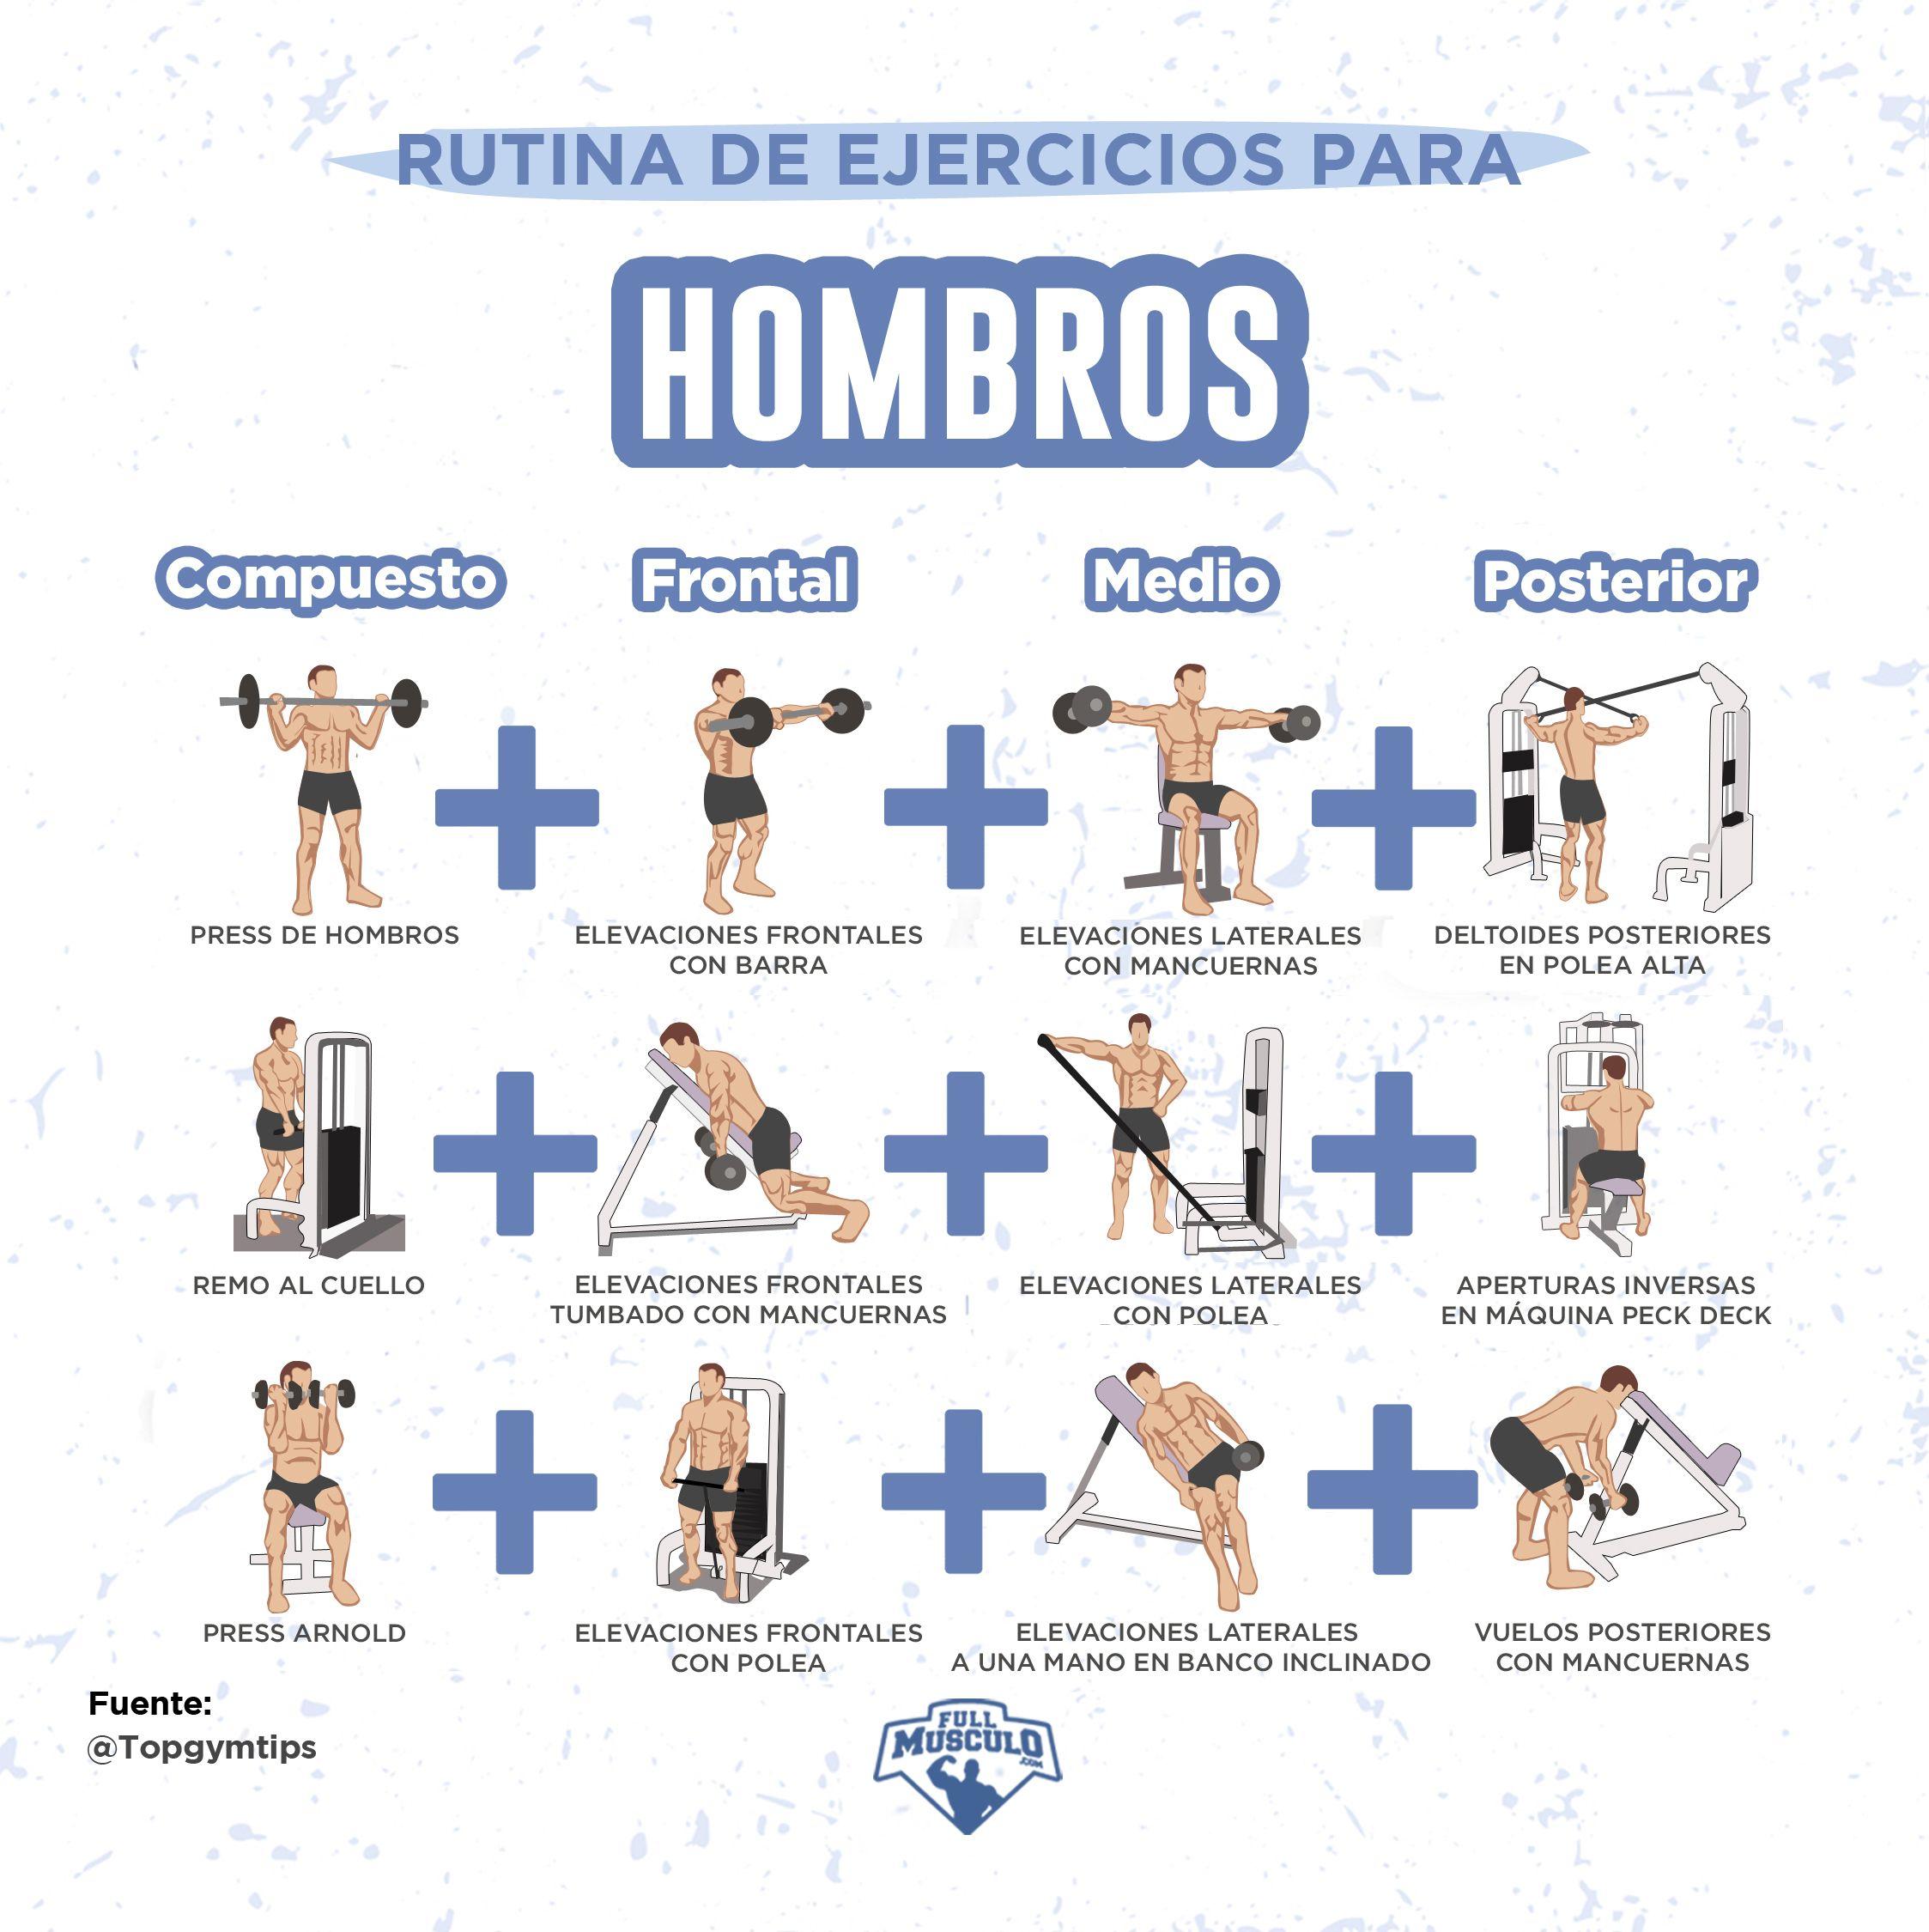 Completa Rutina de Hombros para tonificar y fortalecer – FullMusculo.com